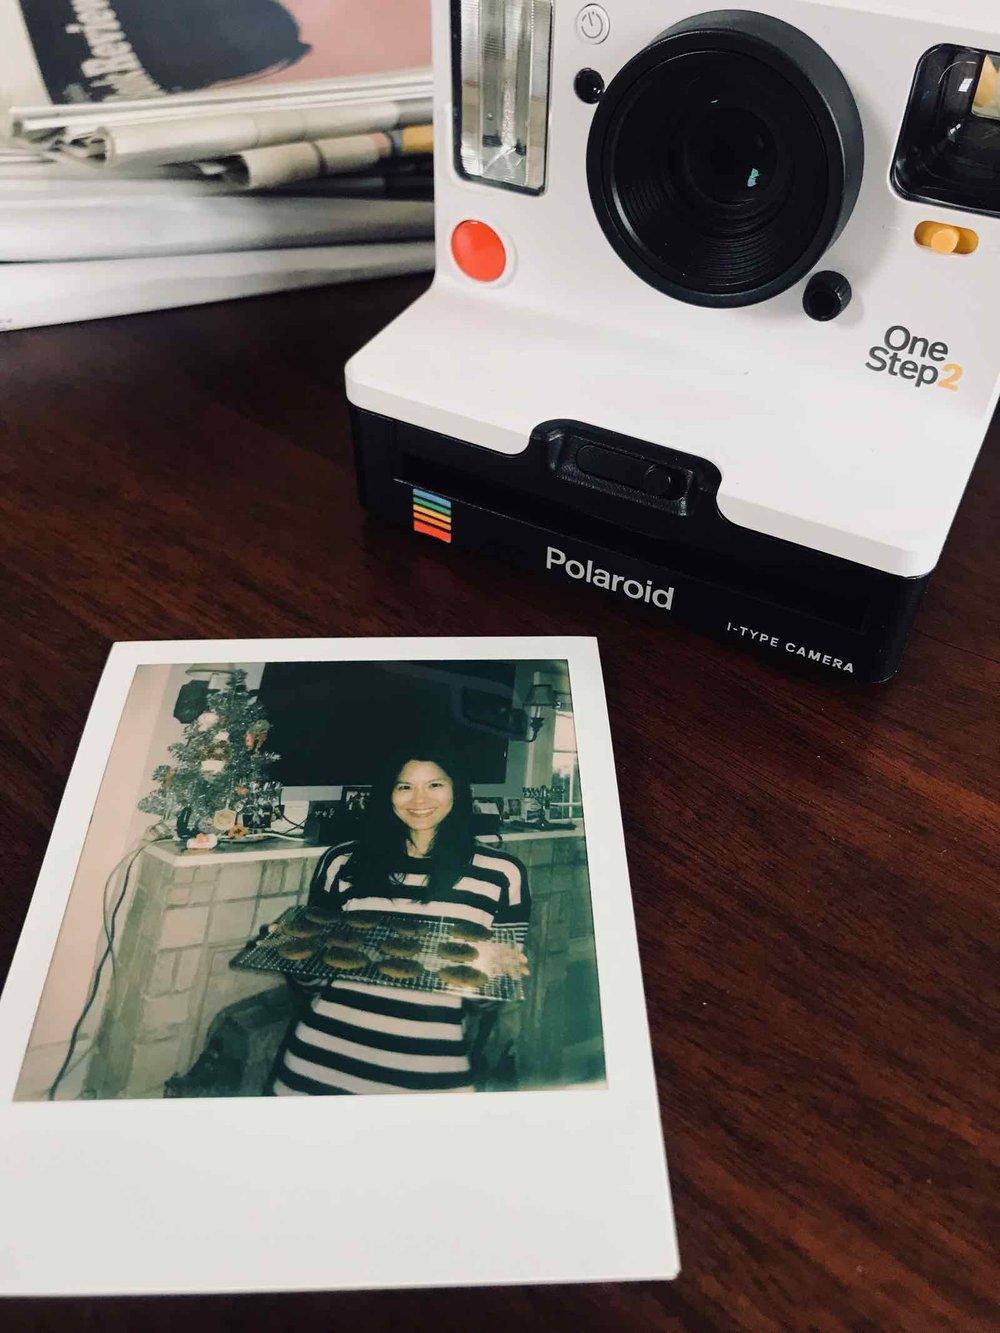 polaroid-i-type-camera.jpg